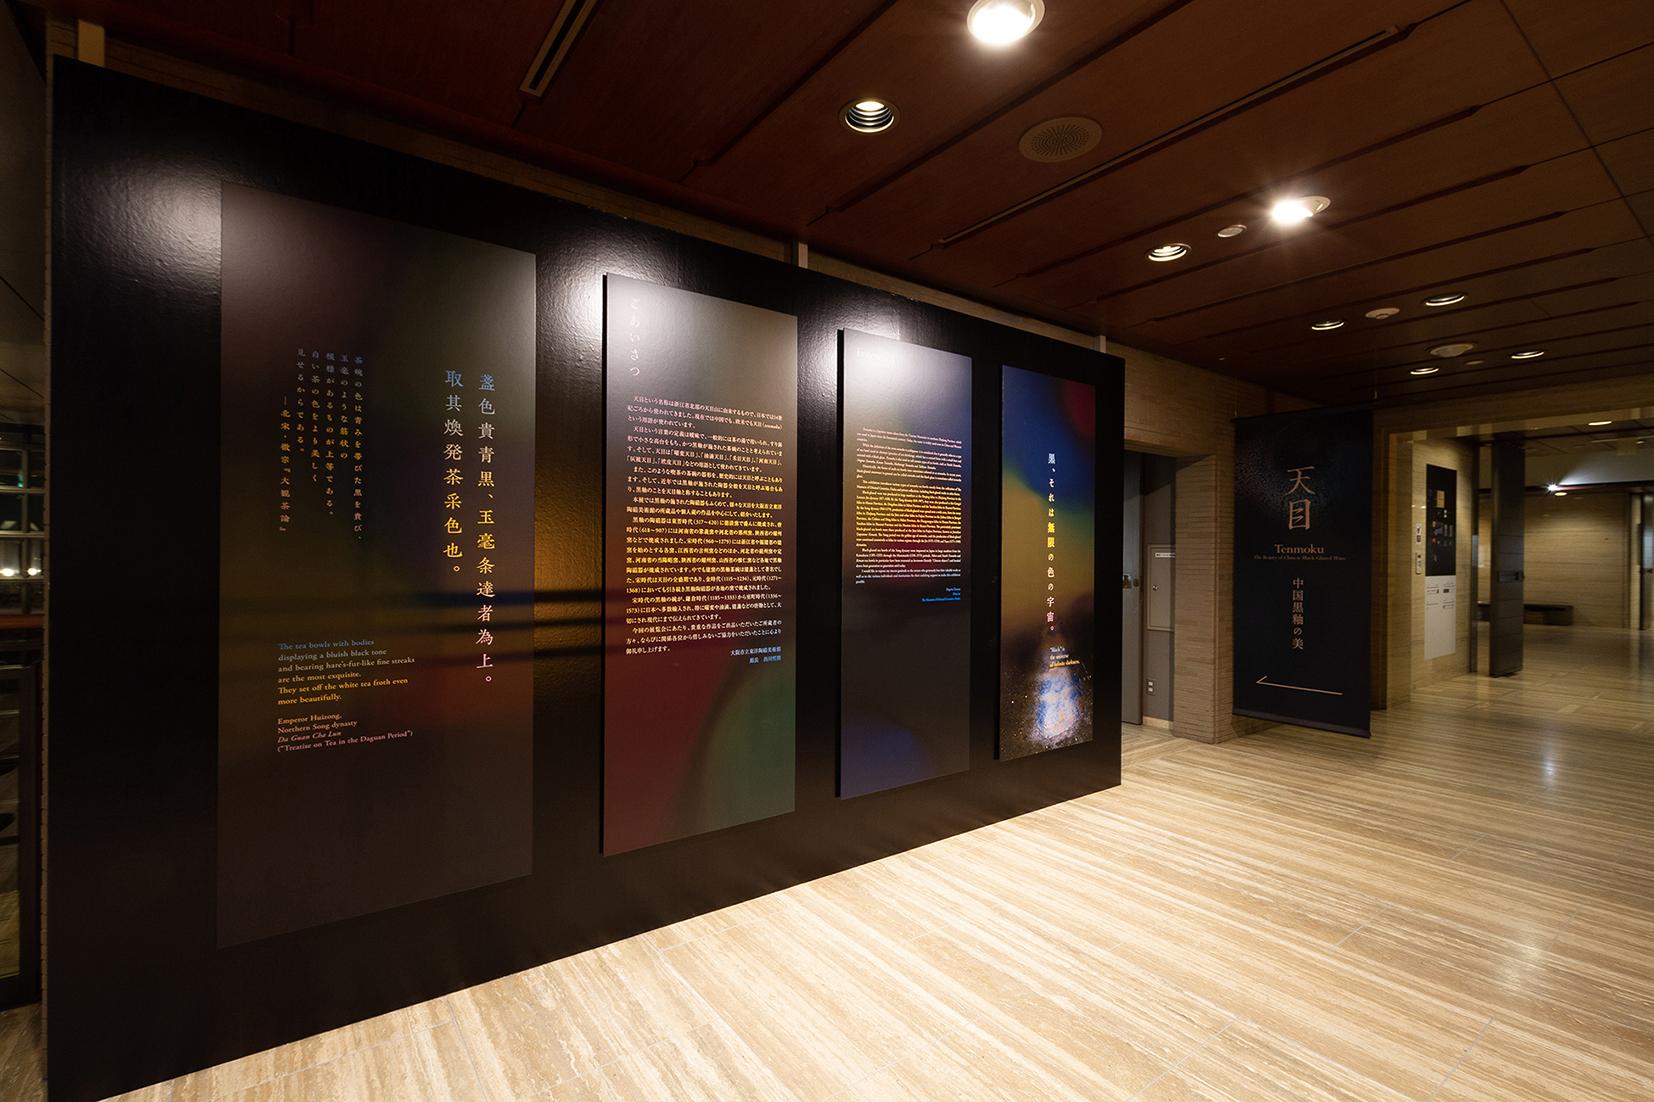 ・森美術館 STARS展<br /> ・森美術館 STARS展<br /> ・森美術館 STARS展<br /> ・大阪市立東洋陶磁美術館 天目展<br /> ・西宮市大谷記念美術館 BAUHAUS展